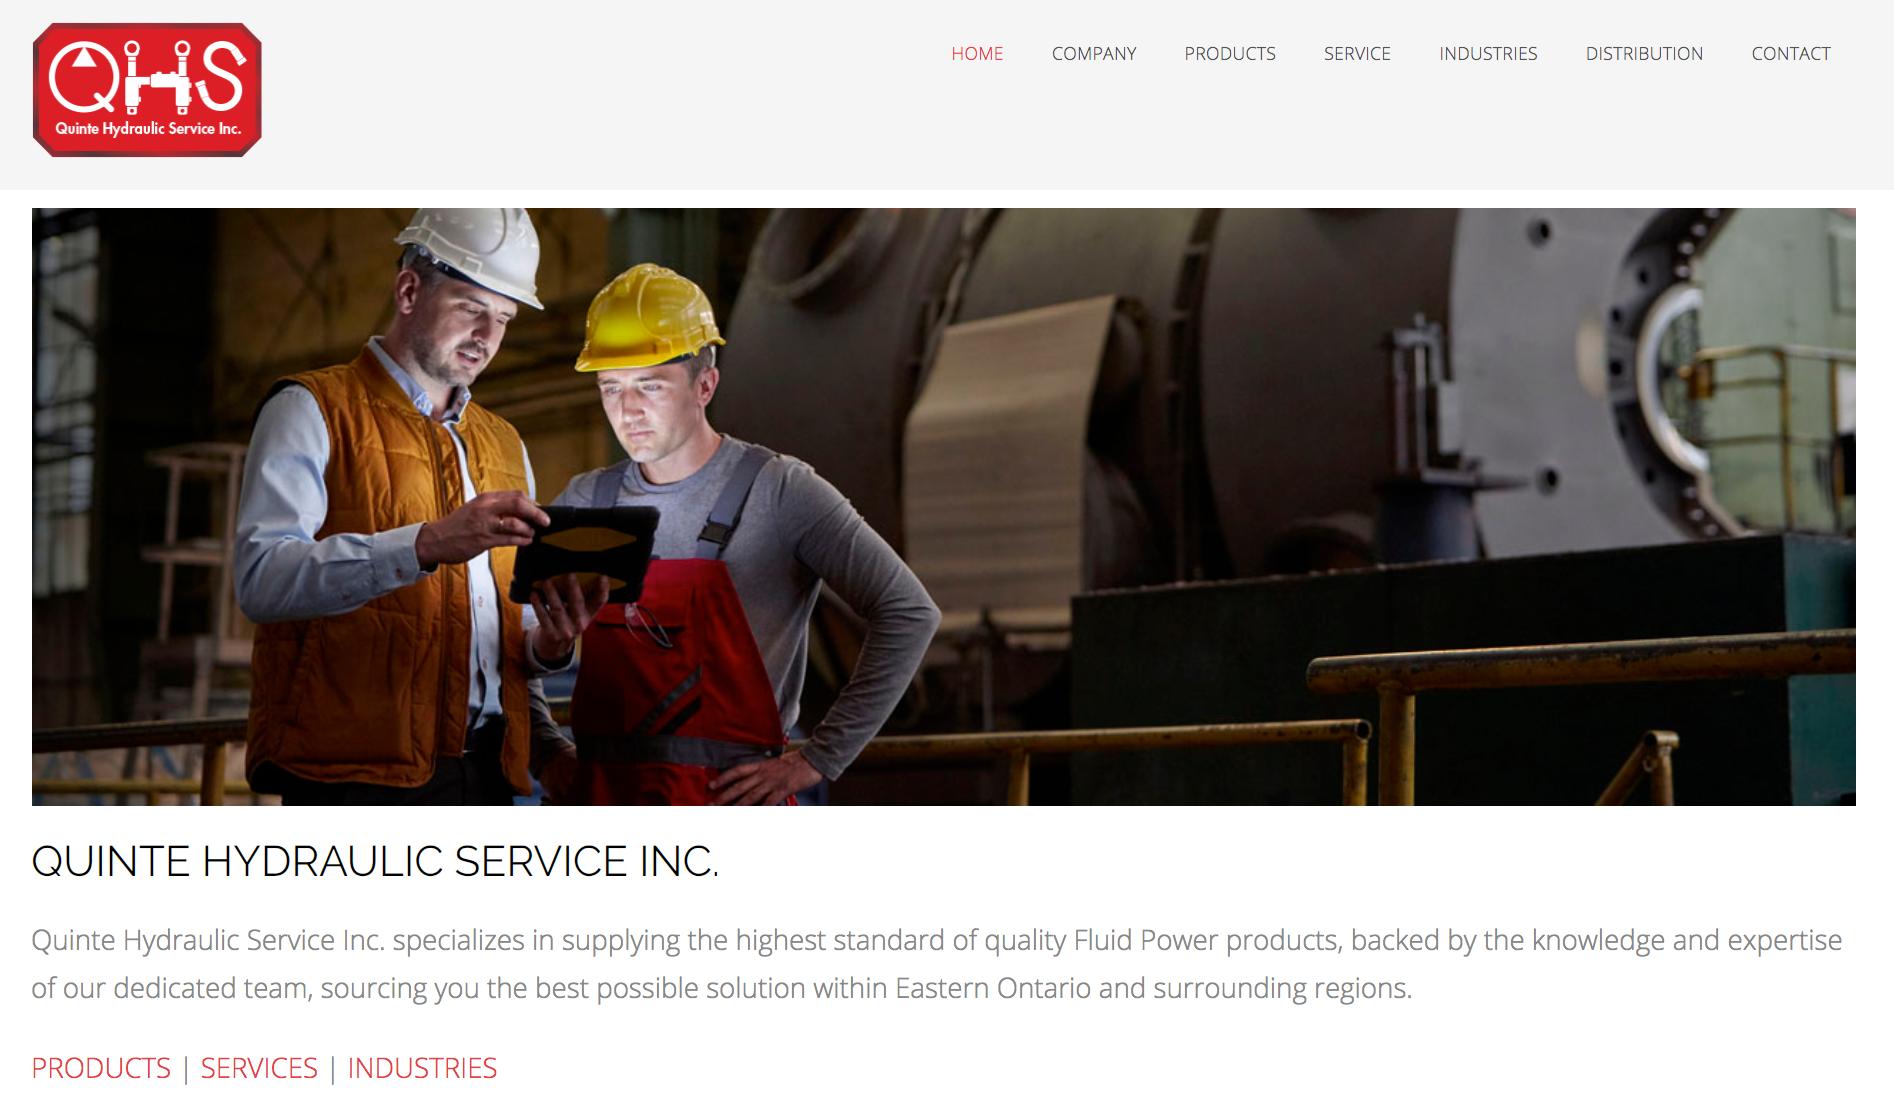 Quinte Hydraulic Services